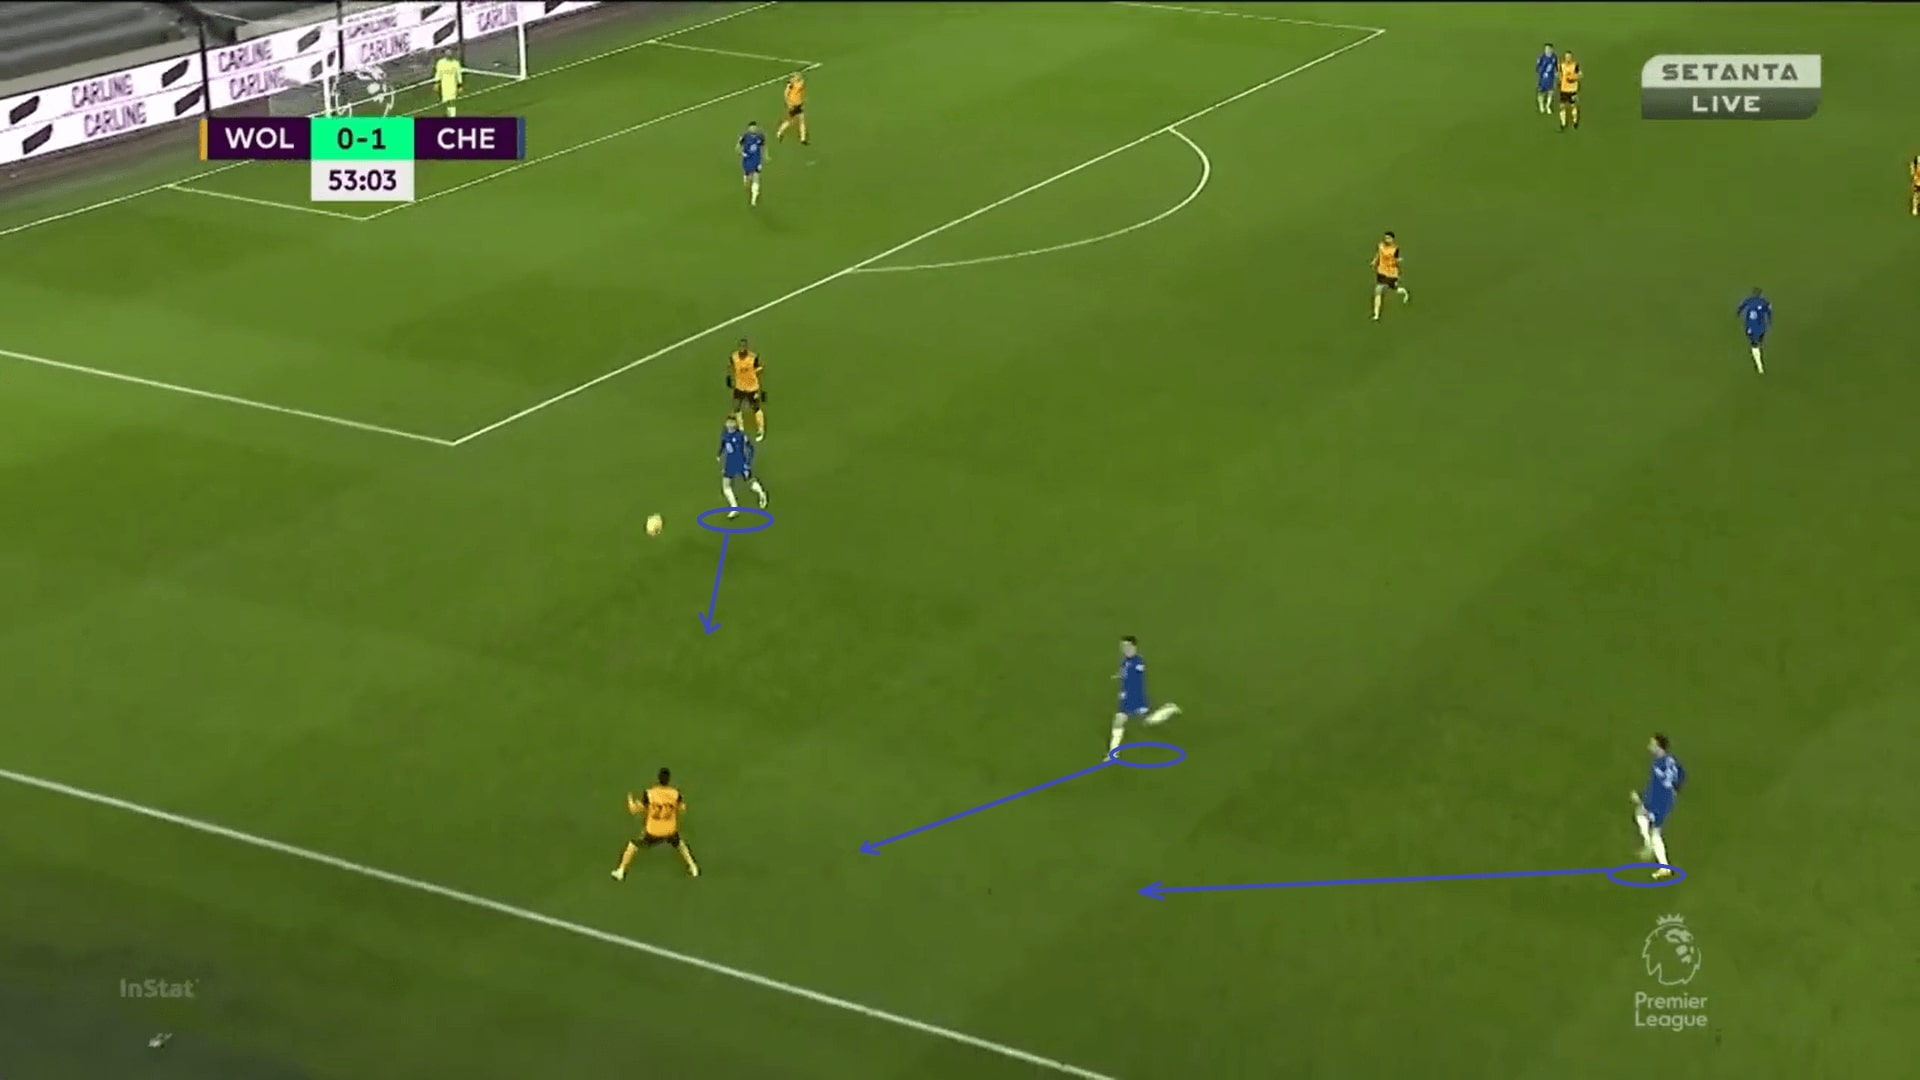 Premier League 2020/21: Wolves vs Chelsea - tactical analysis - tactics